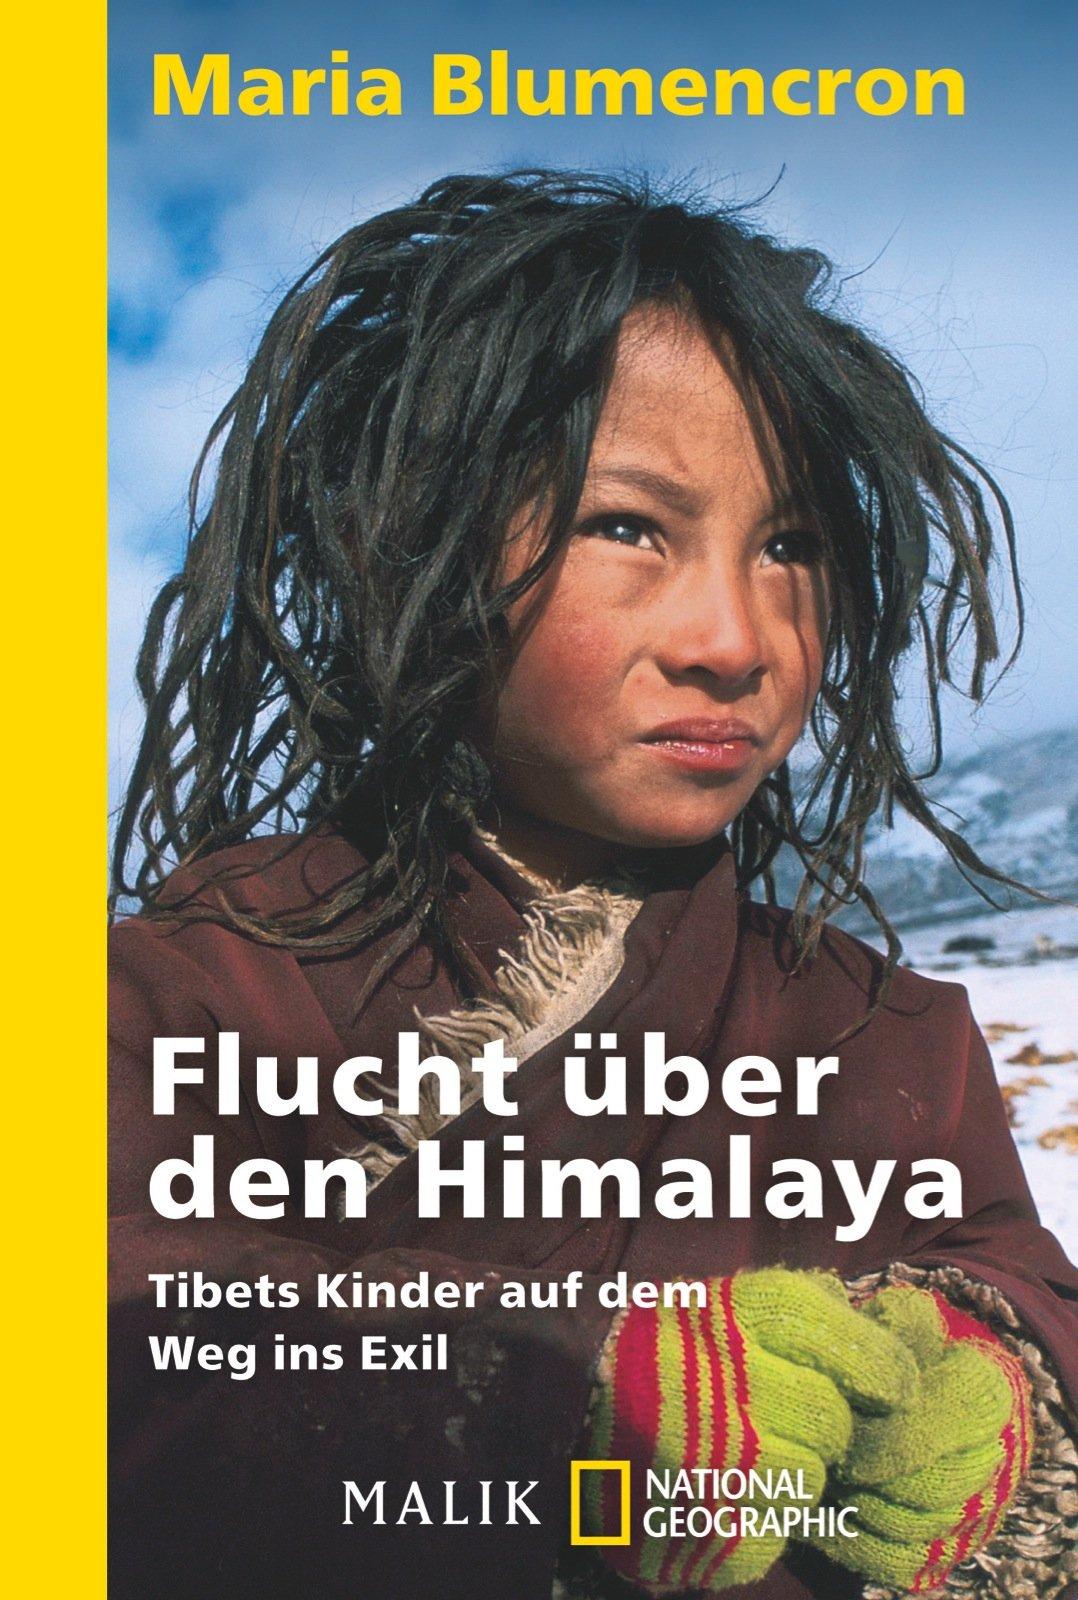 Flucht über den Himalaya: Tibets Kinder auf dem Weg ins Exil